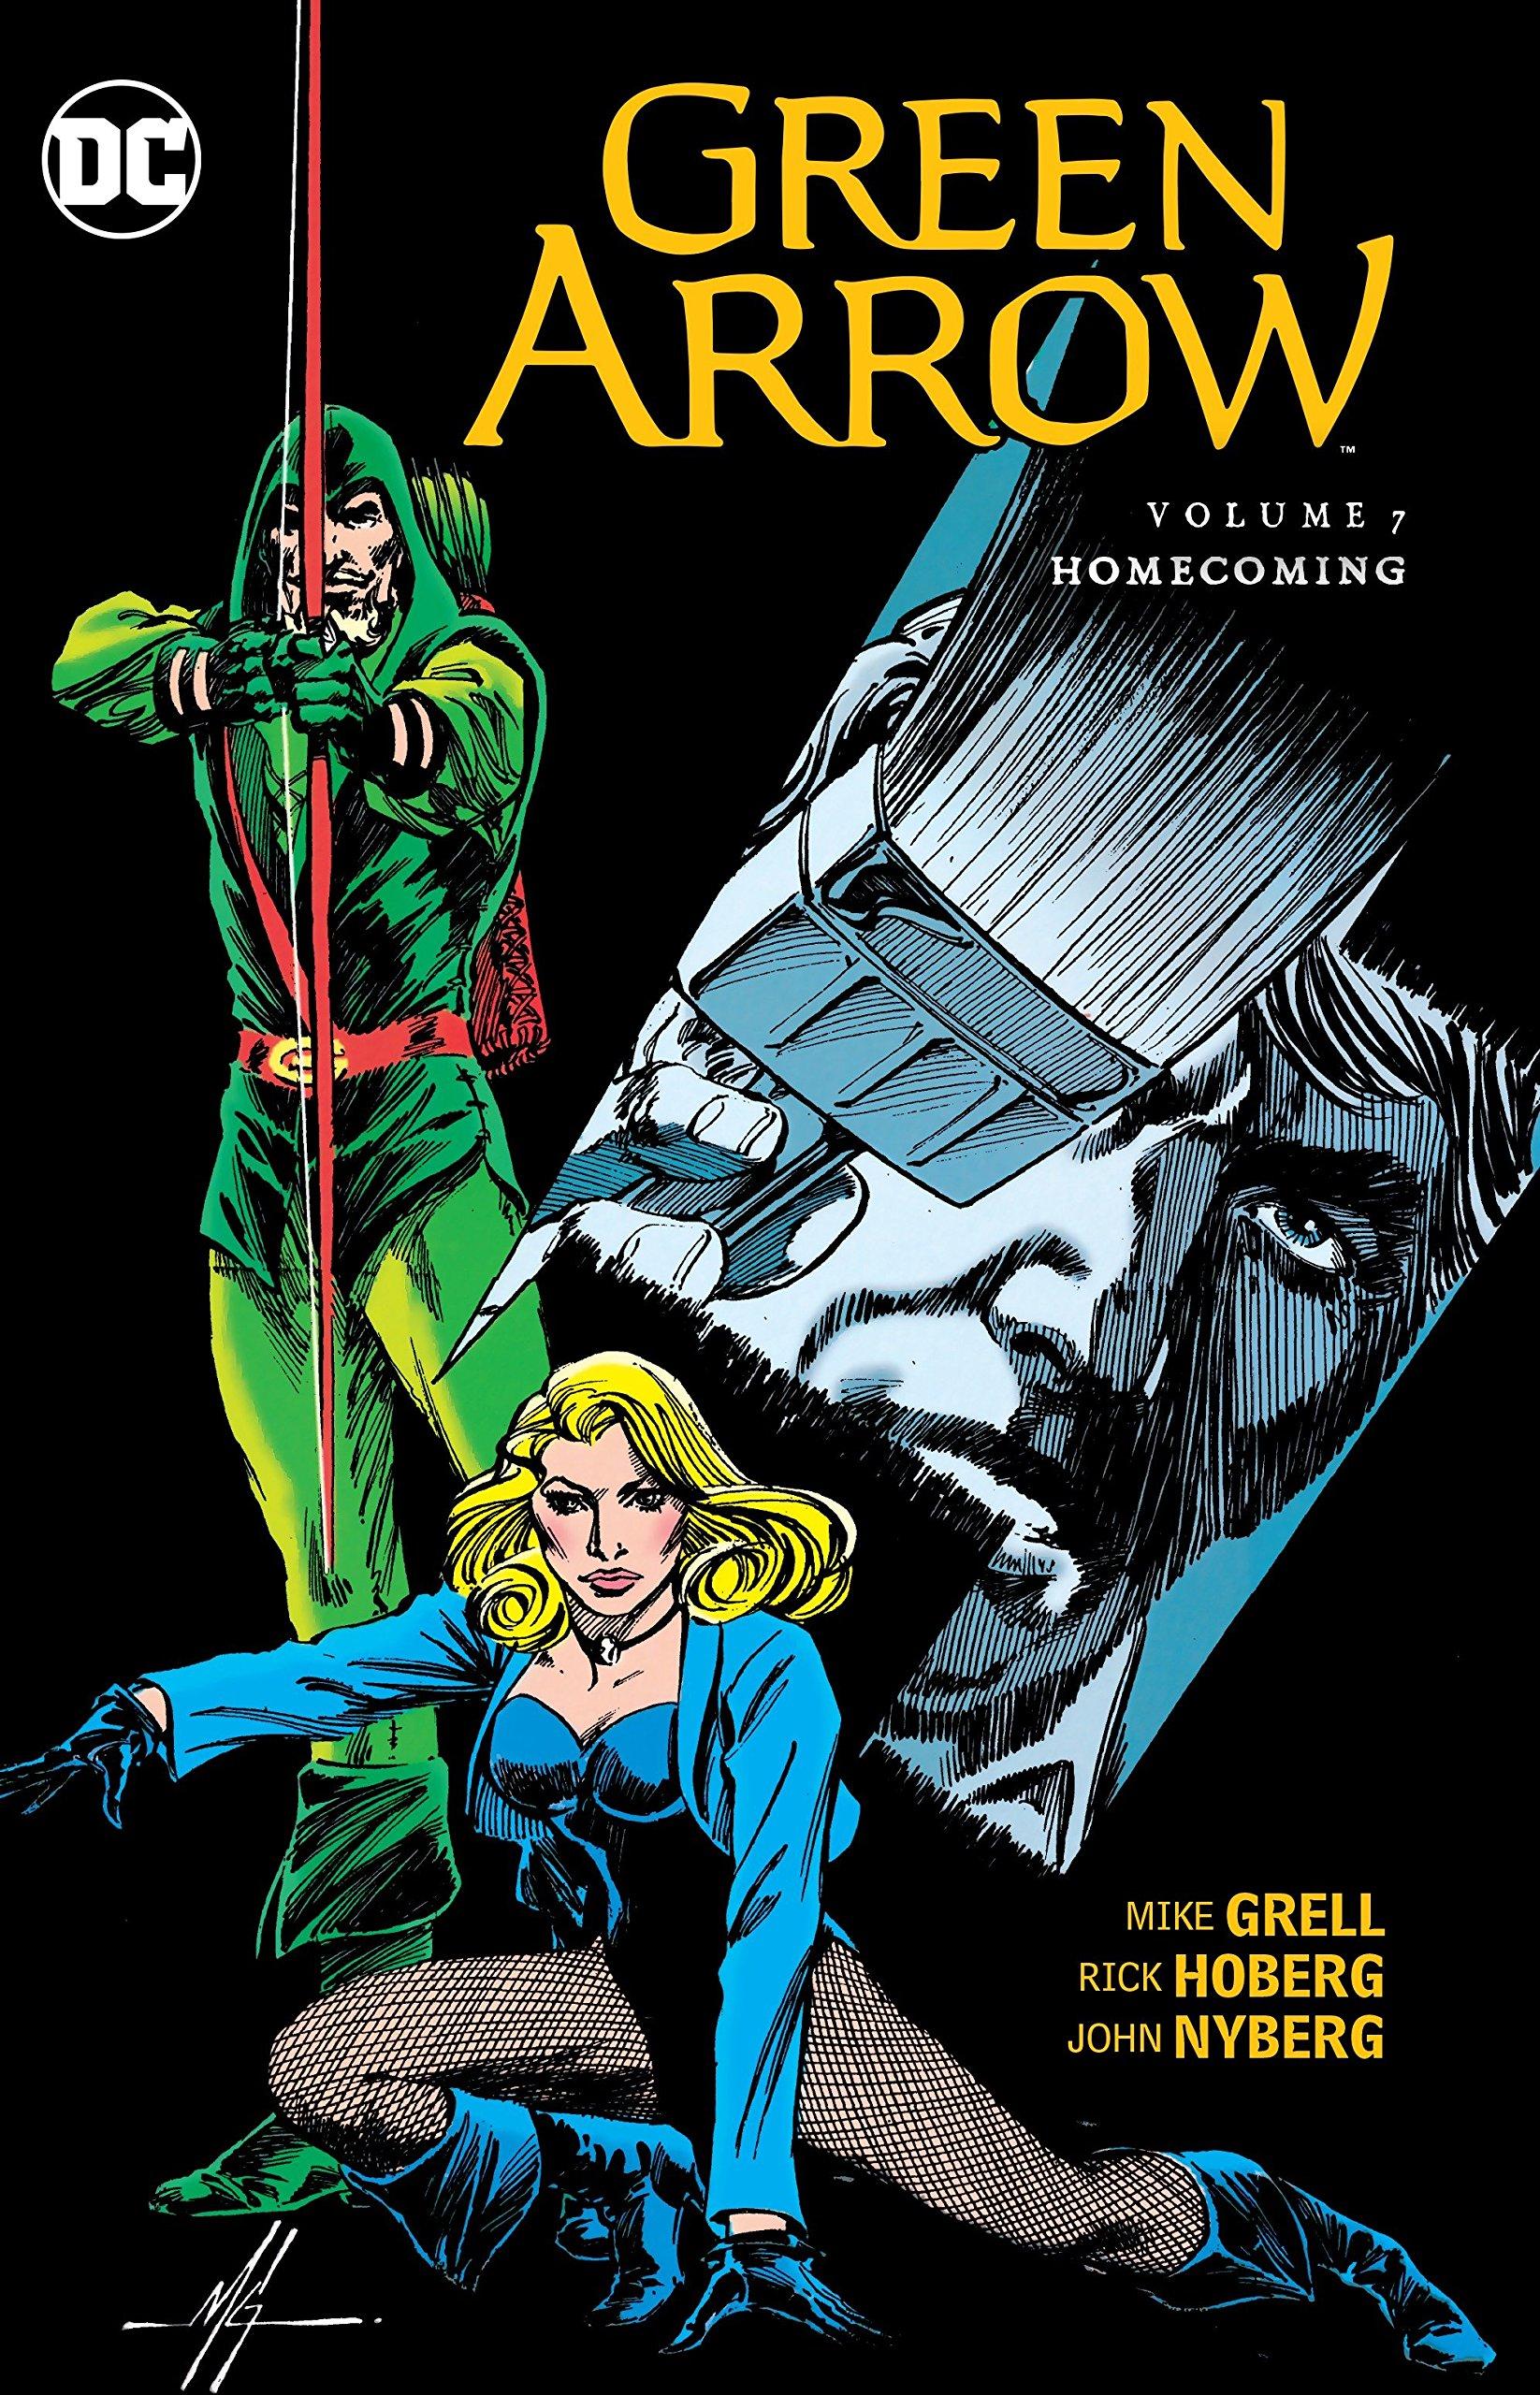 Download Green Arrow Vol. 7: Homecoming ebook